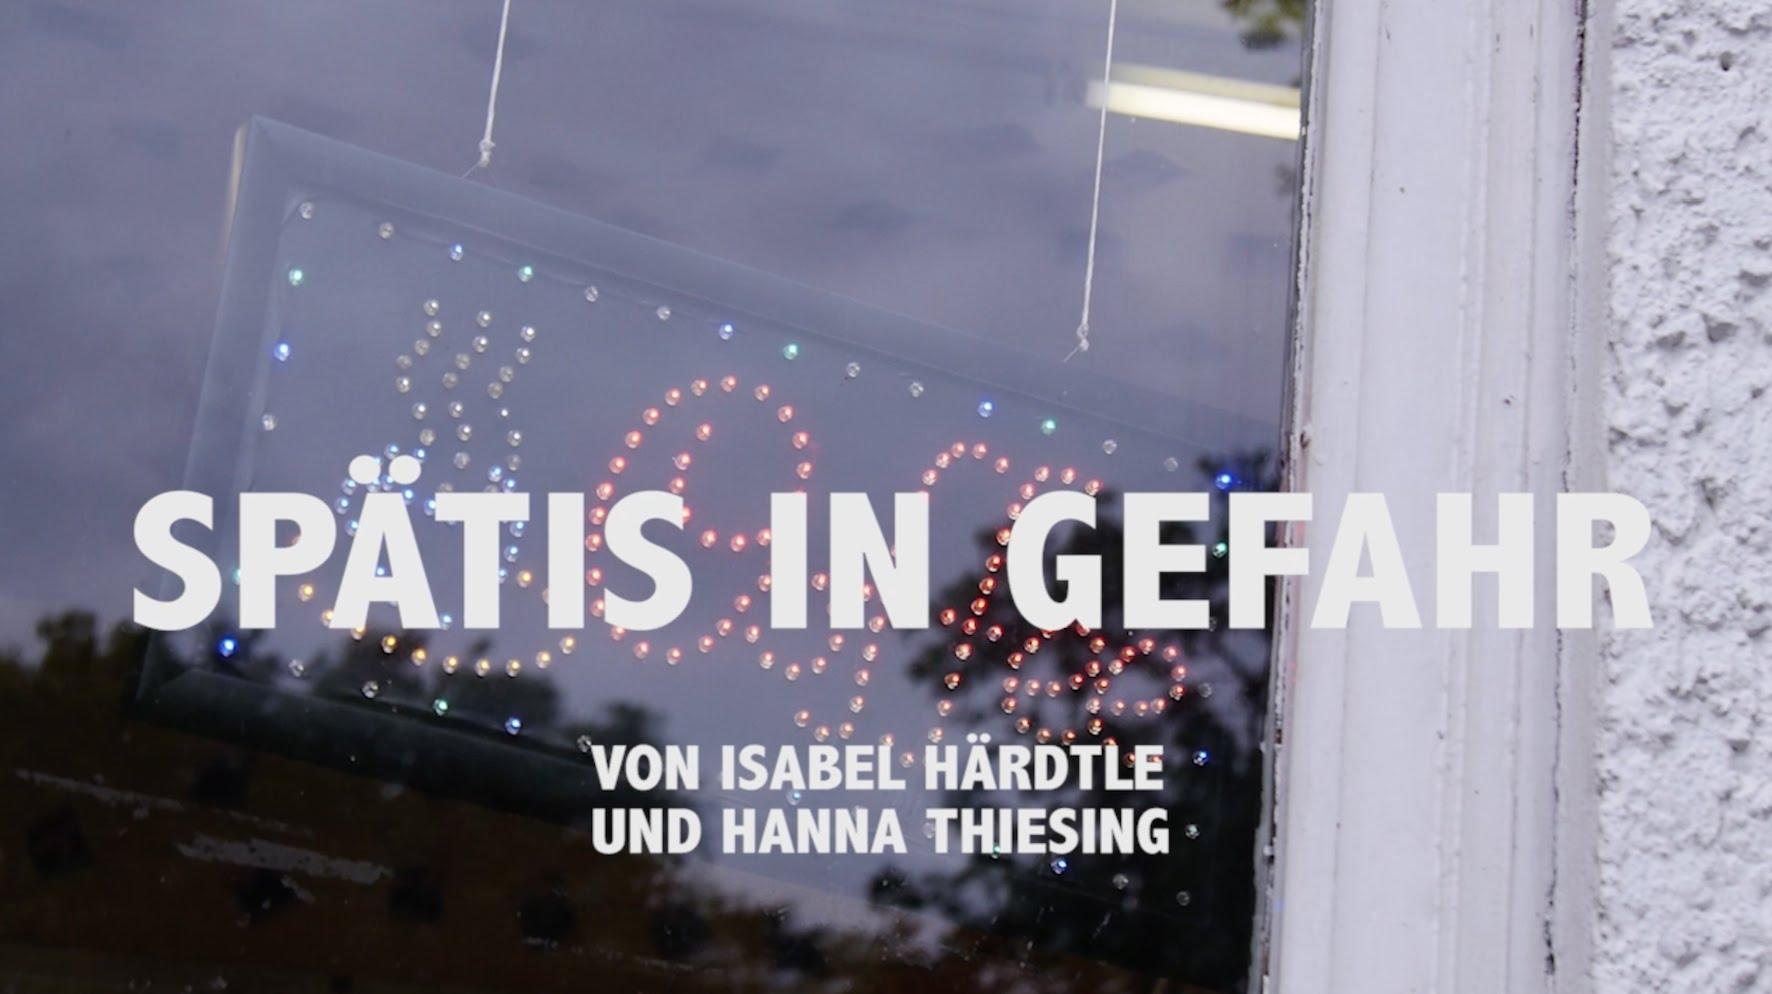 In Berlin wollen sie Spätis schließen und das ist eine miese Idee